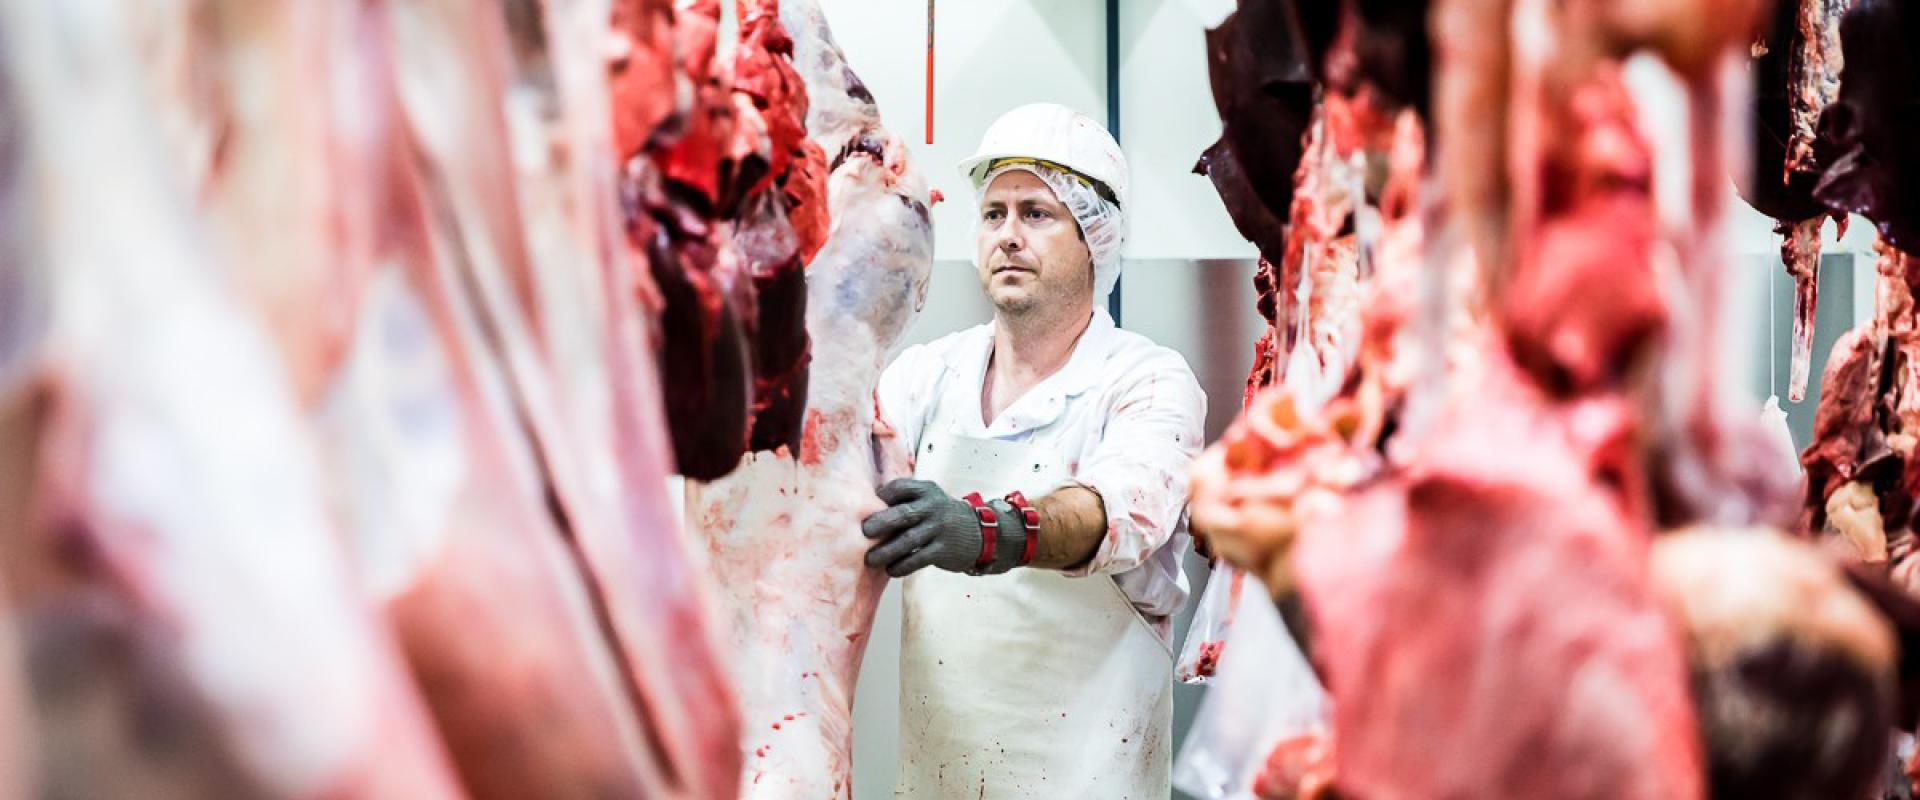 Der Fleischglück-Podcast #20 mit Thomas Winnacker: Was passiert beim Schächten wirklich?